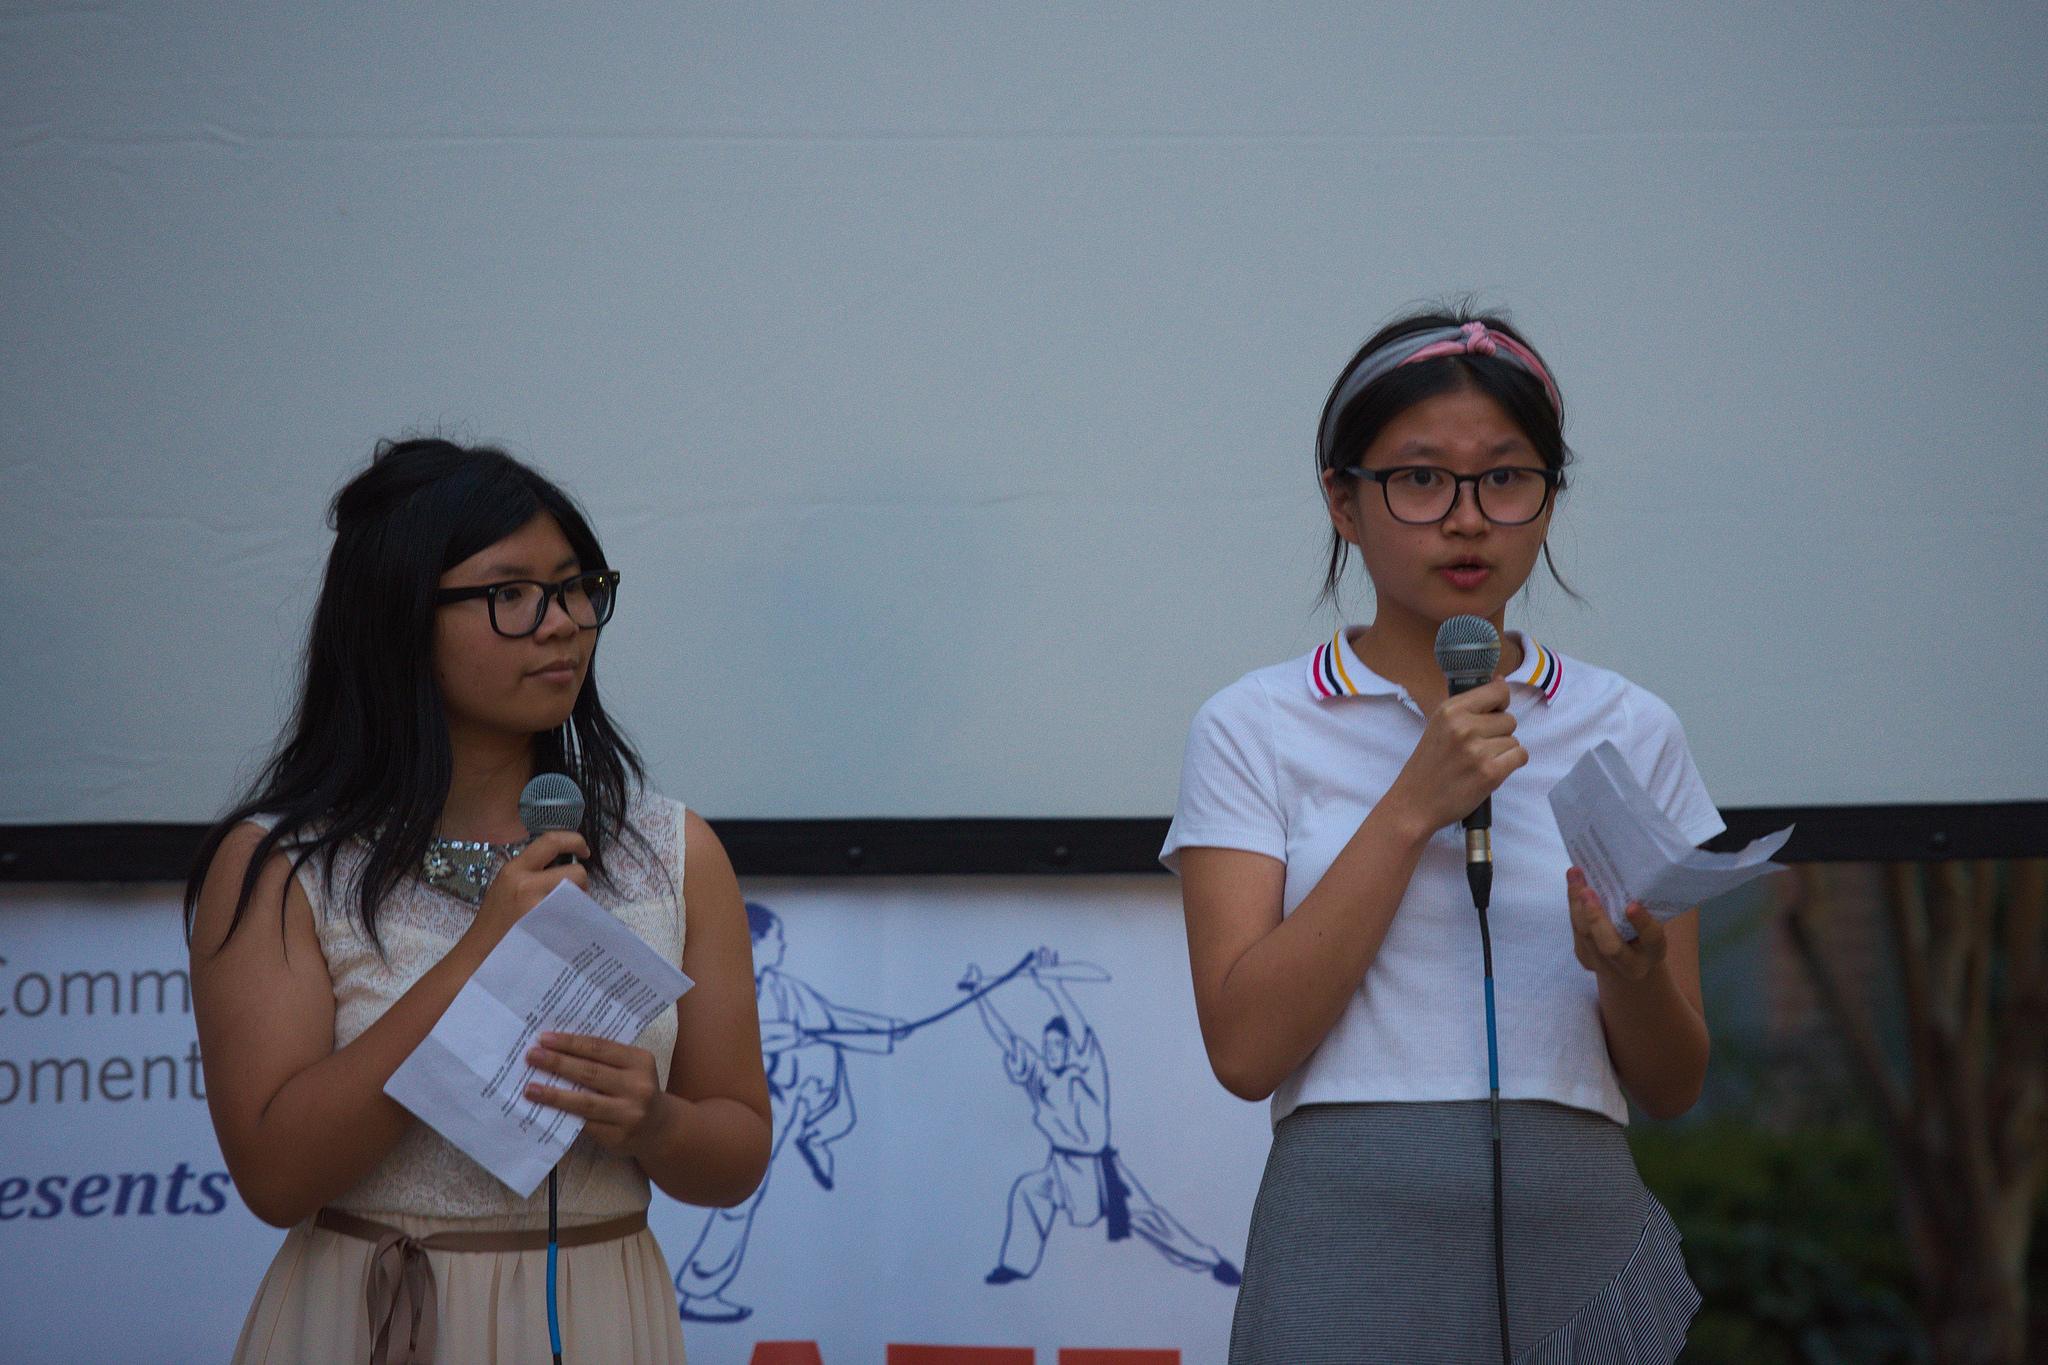 Youth_Speakers2.jpg